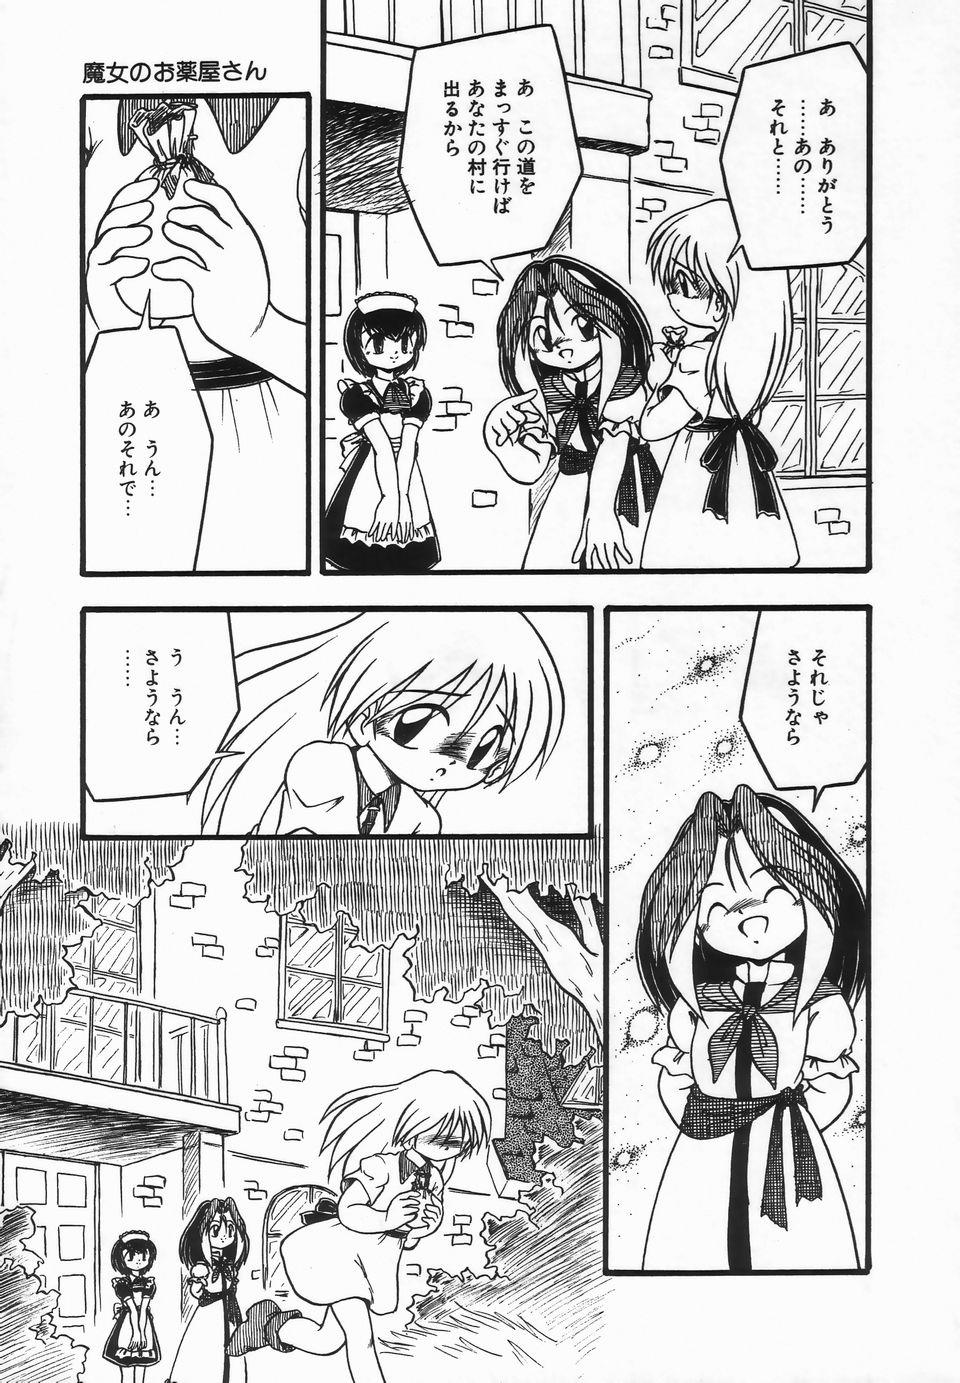 Kanchou Shoujo - Enema Girl 164